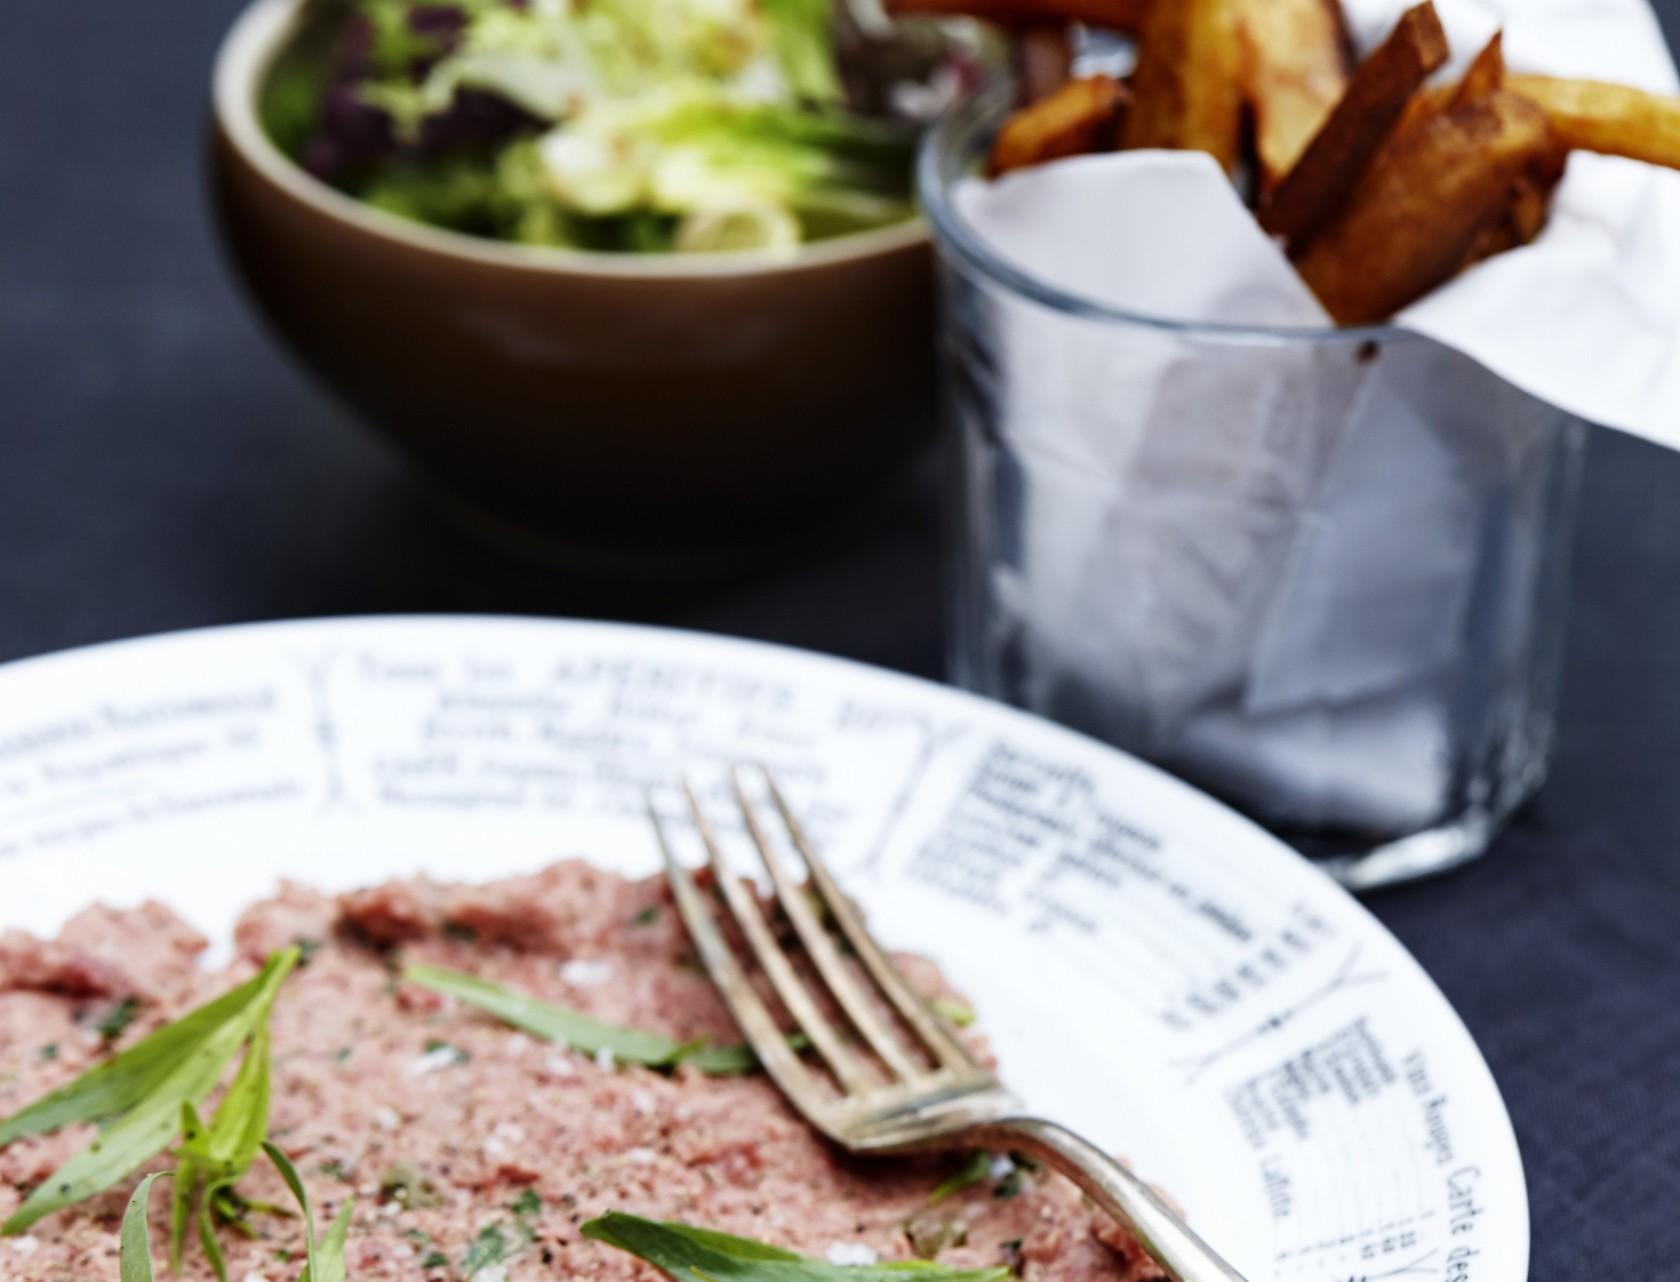 Rørt tatar med pommes frittes og grøn salat - den bedste opskrift på lækker weekendmad.